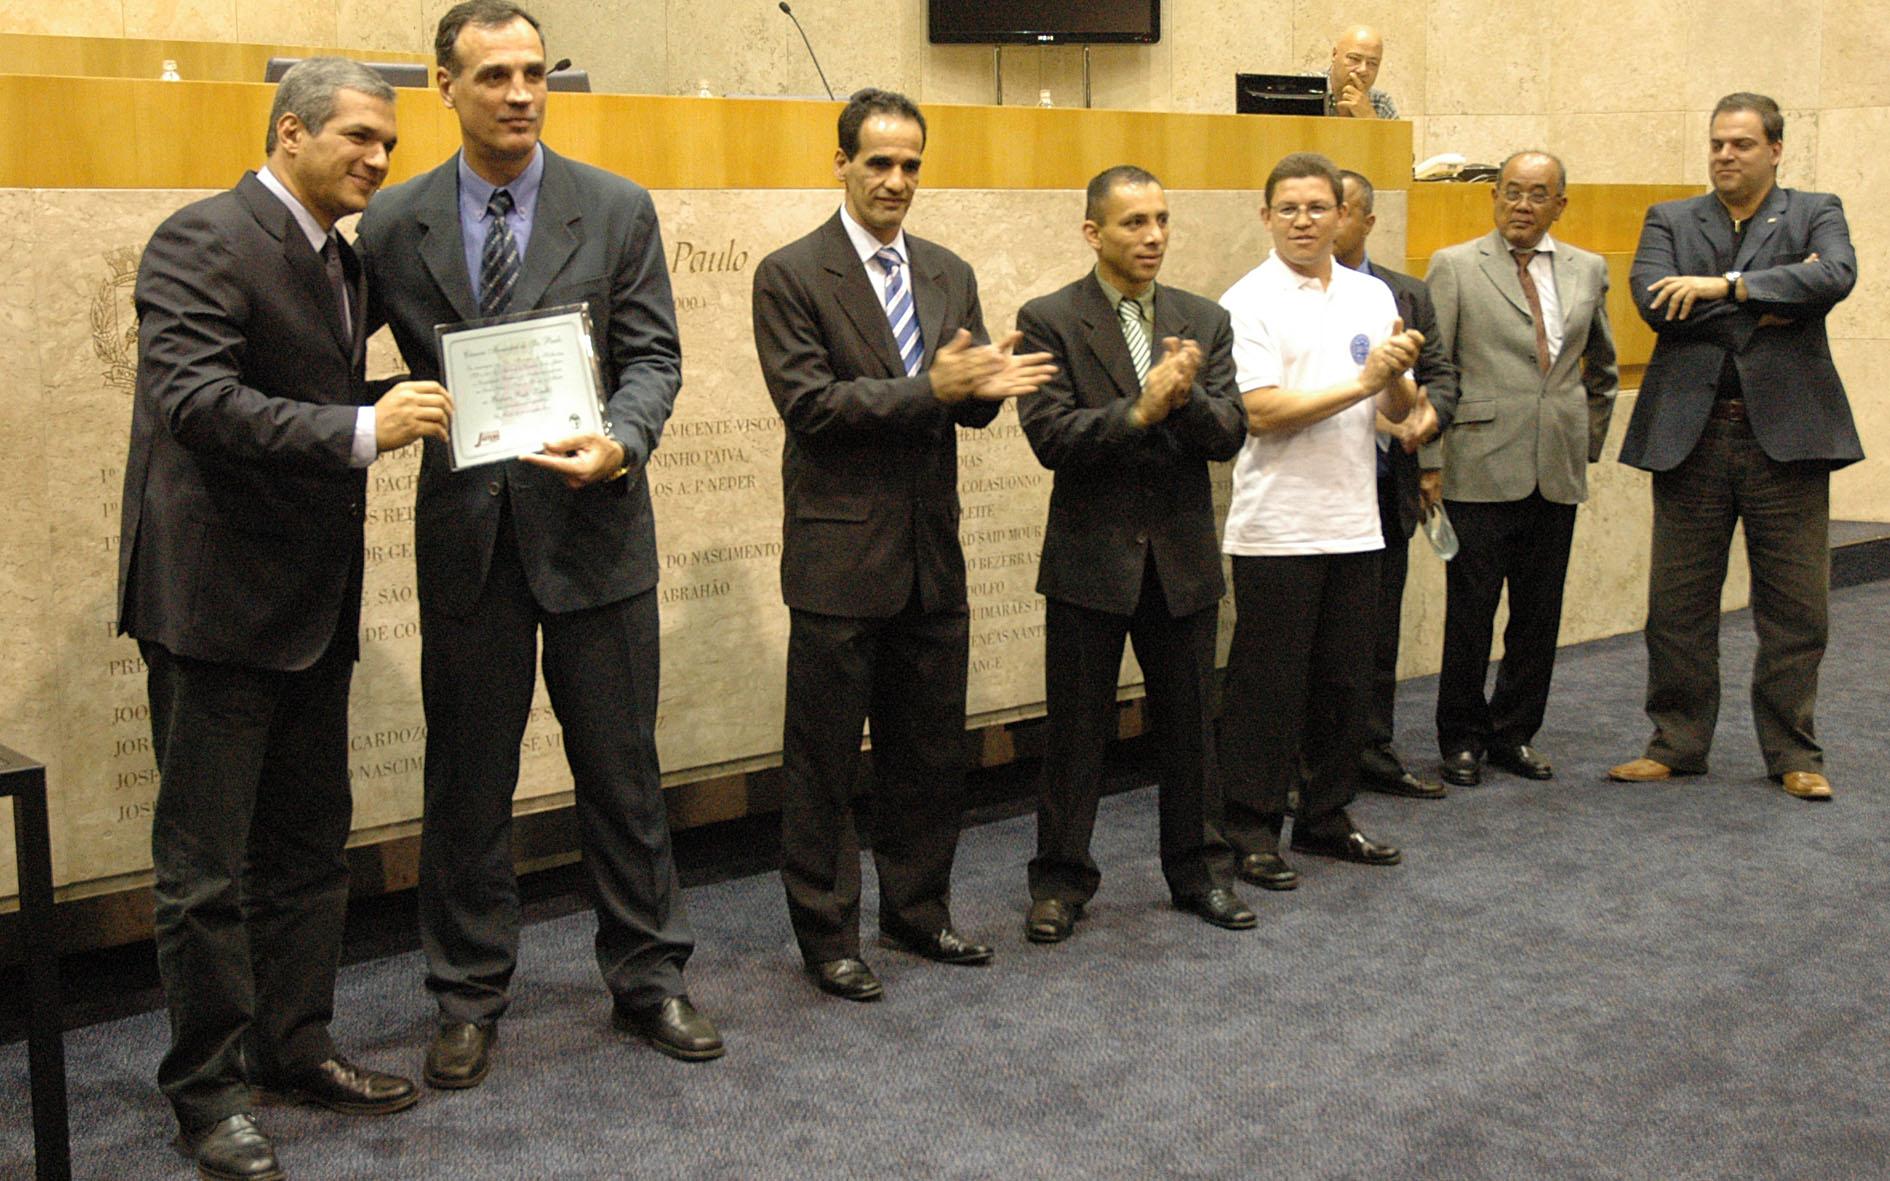 Dia do Kickboxing é comemorado na Câmara Municipal de São Paulo